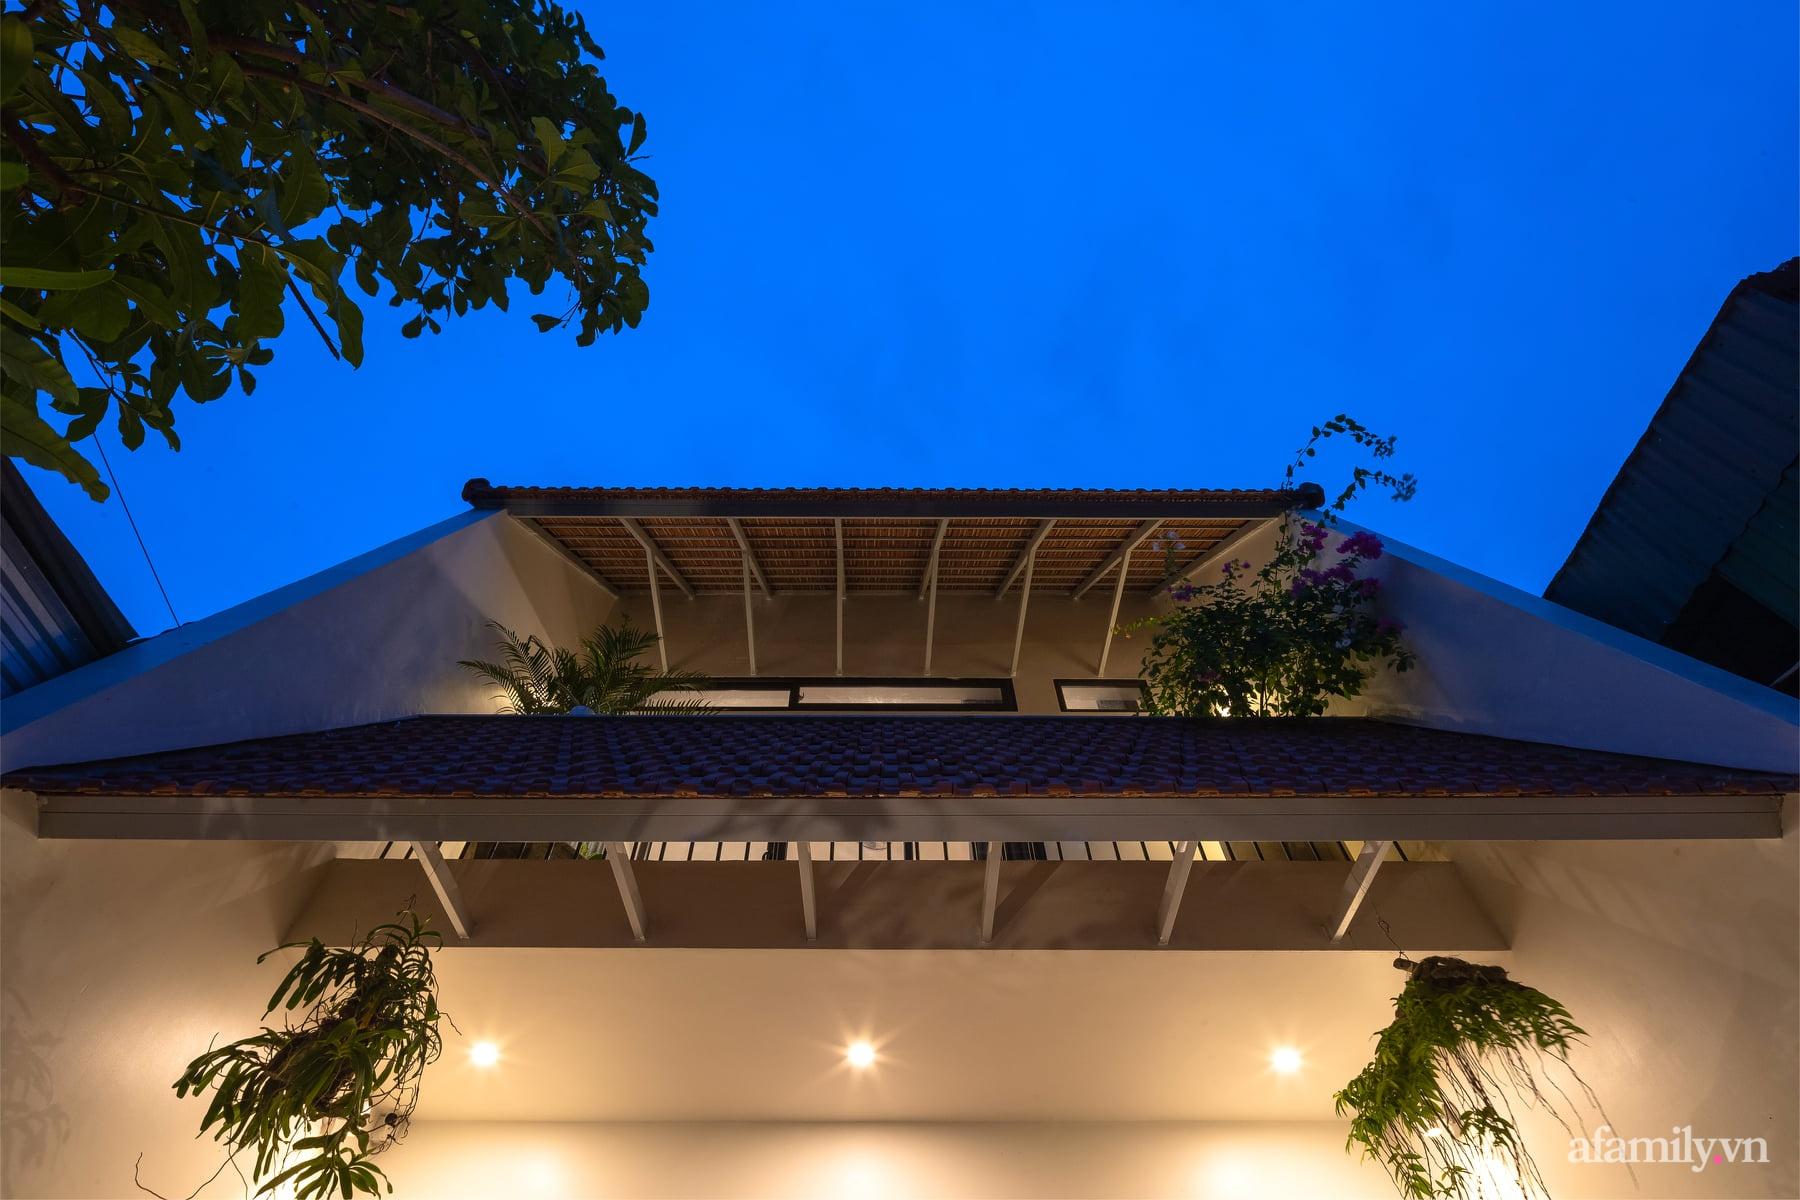 Ngôi nhà ngói gói gọn bình yên với những tiện nghi và hiện đại ở thị trấn nông thôn Nghệ An - Ảnh 10.